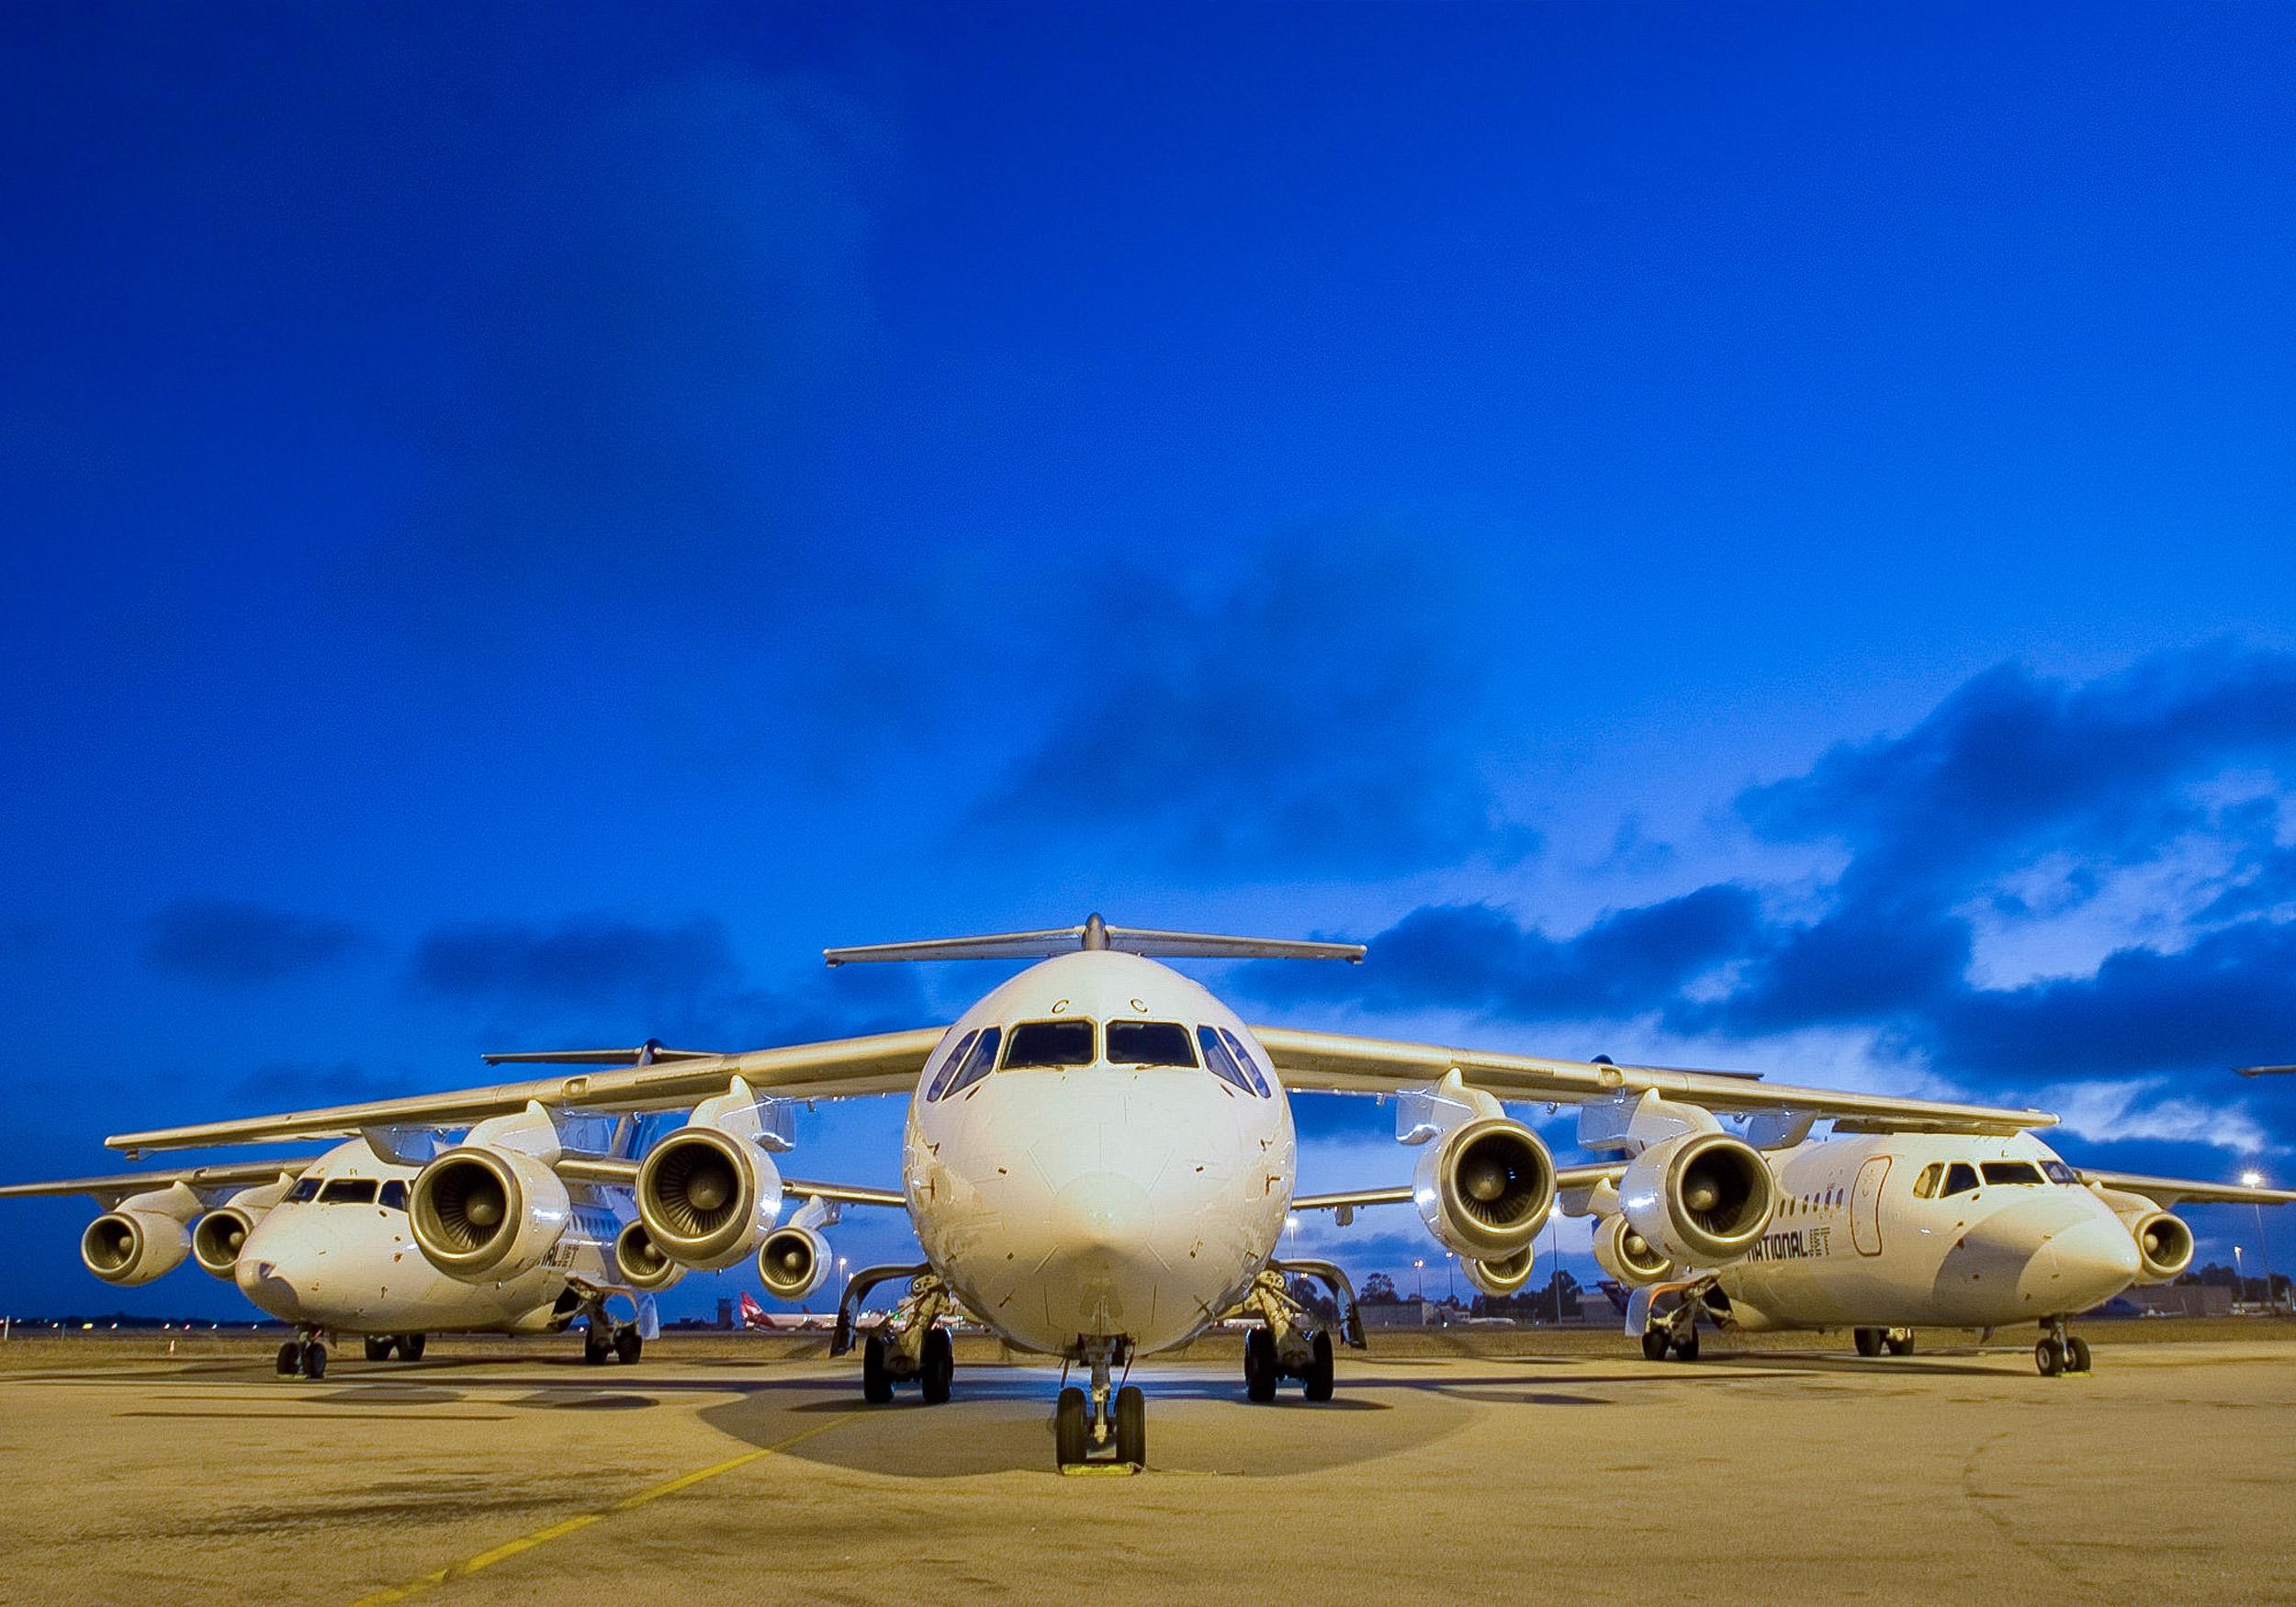 simon.casson.adelaide.aviation.photographer.022.jpg